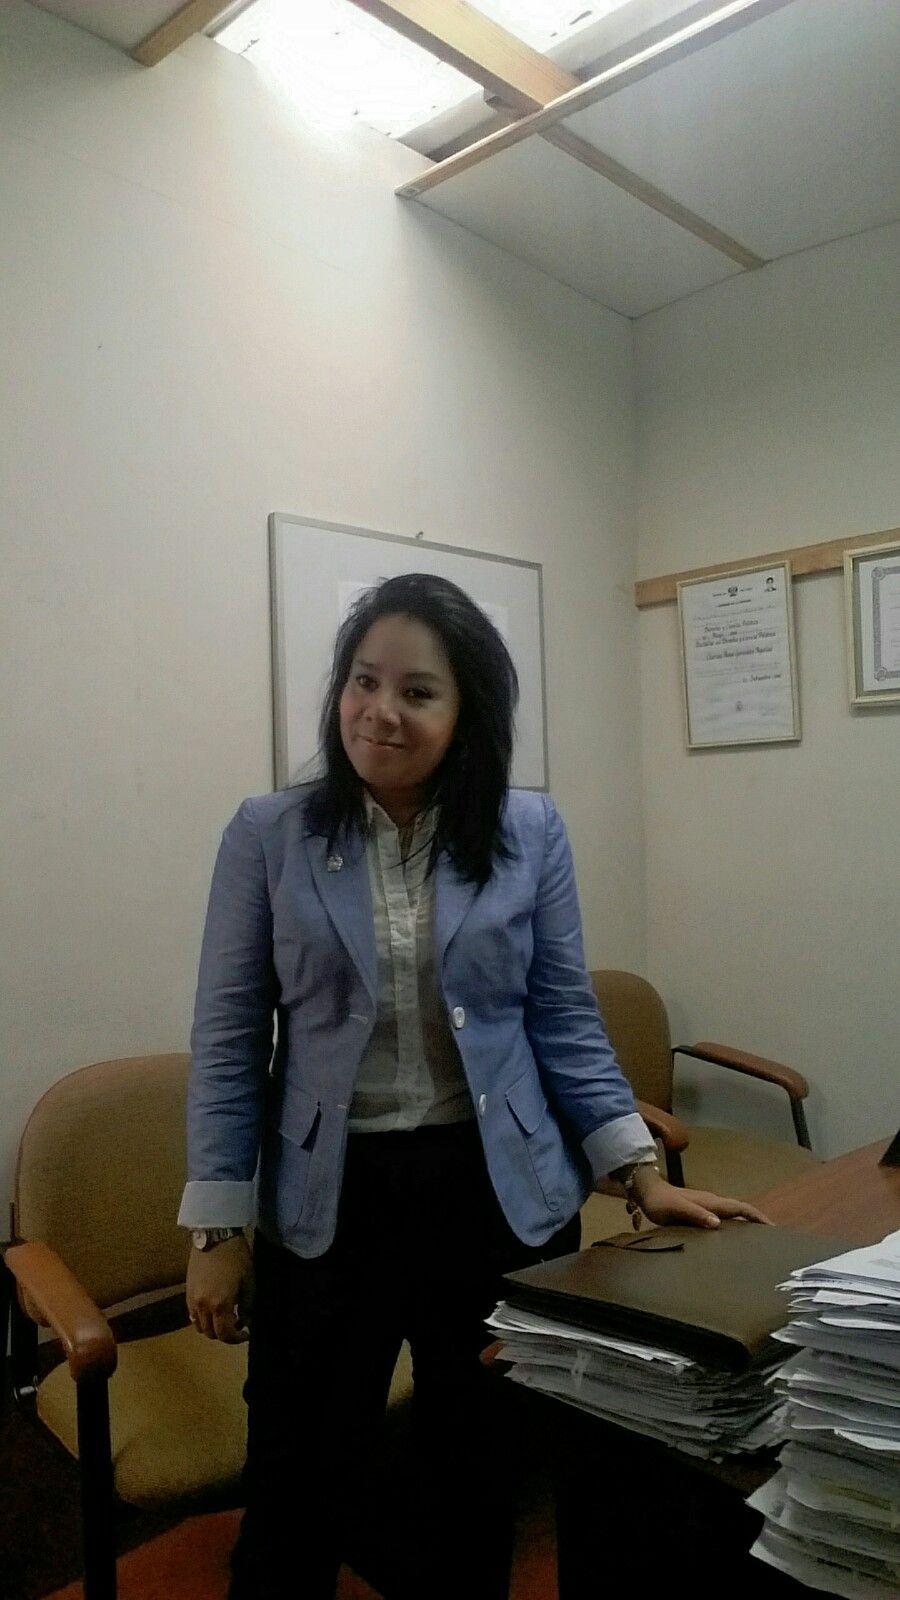 Saco celeste , pantalon azul LUAO y blusa huezo ALMENDRA COLLECTION.